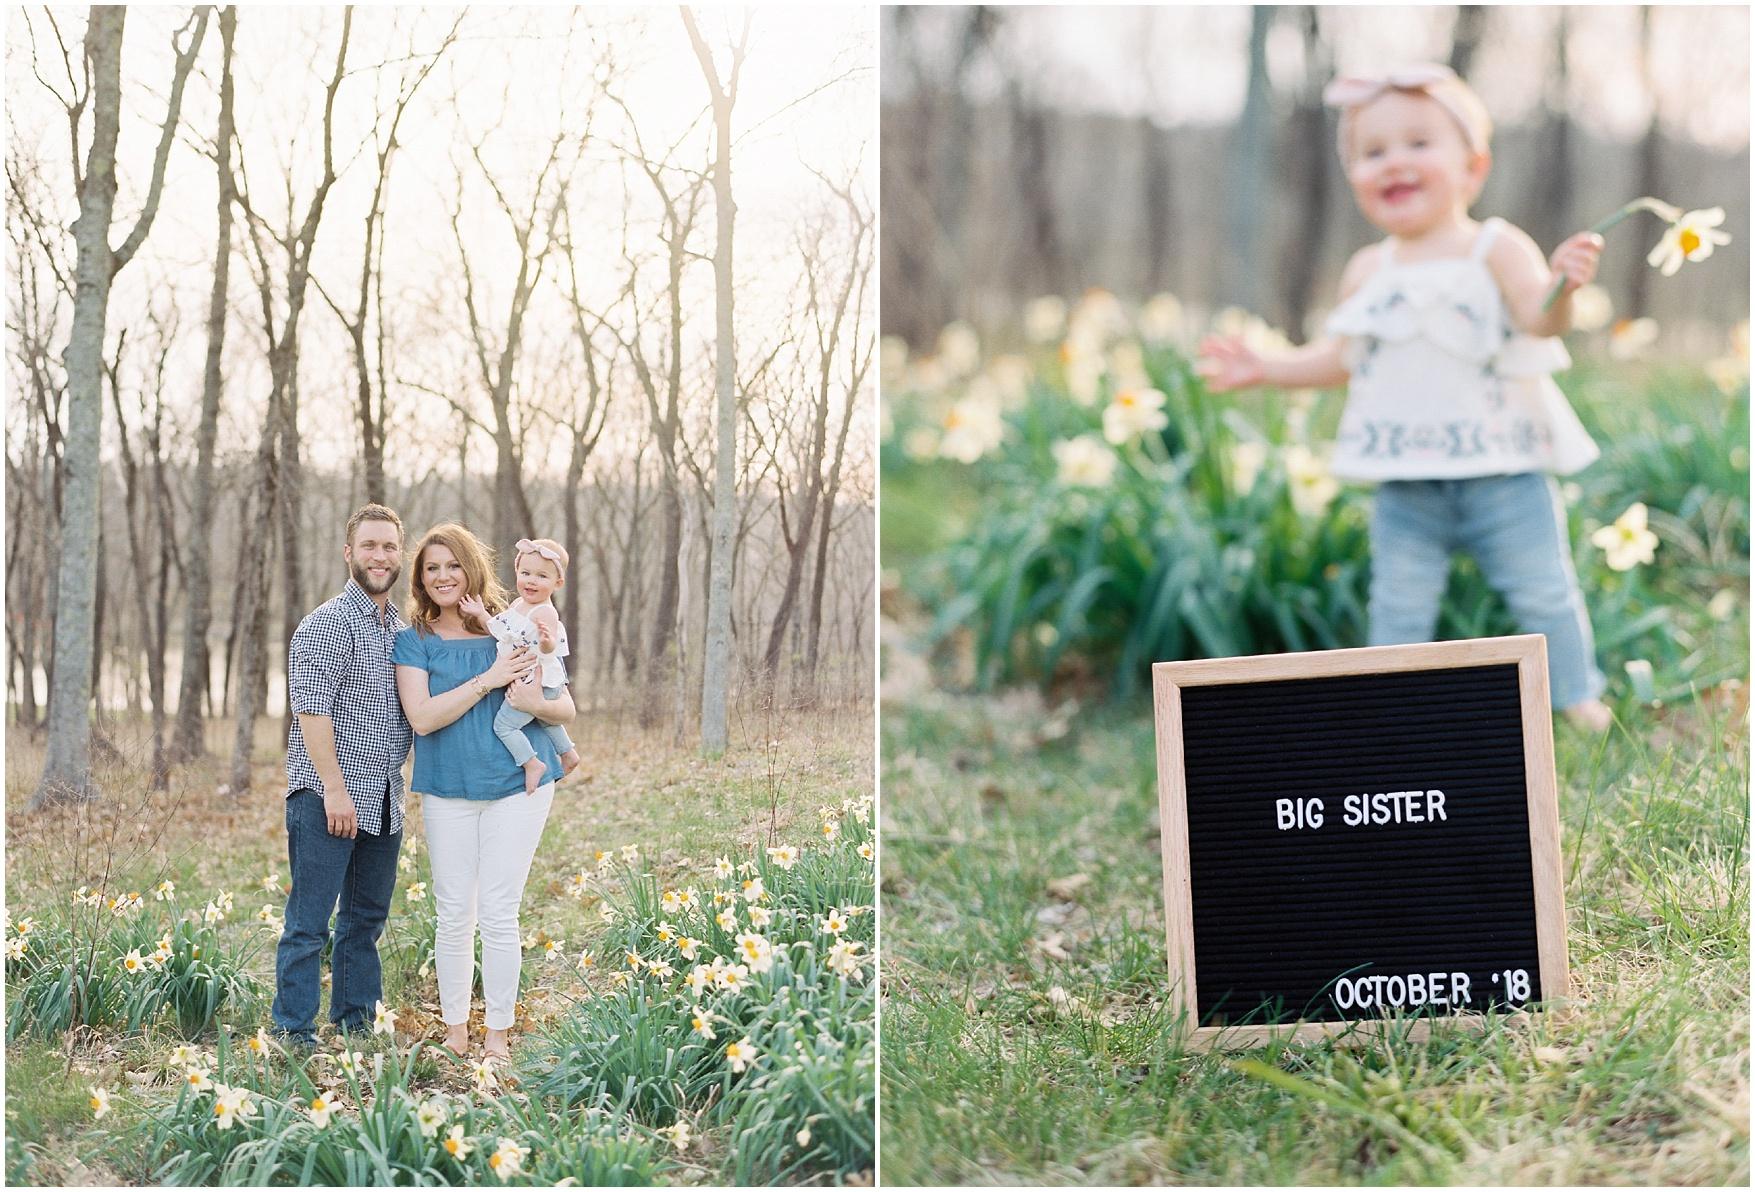 wedding photography st louis_lauren muckler photography_film photographer_film wedding_0342.jpg